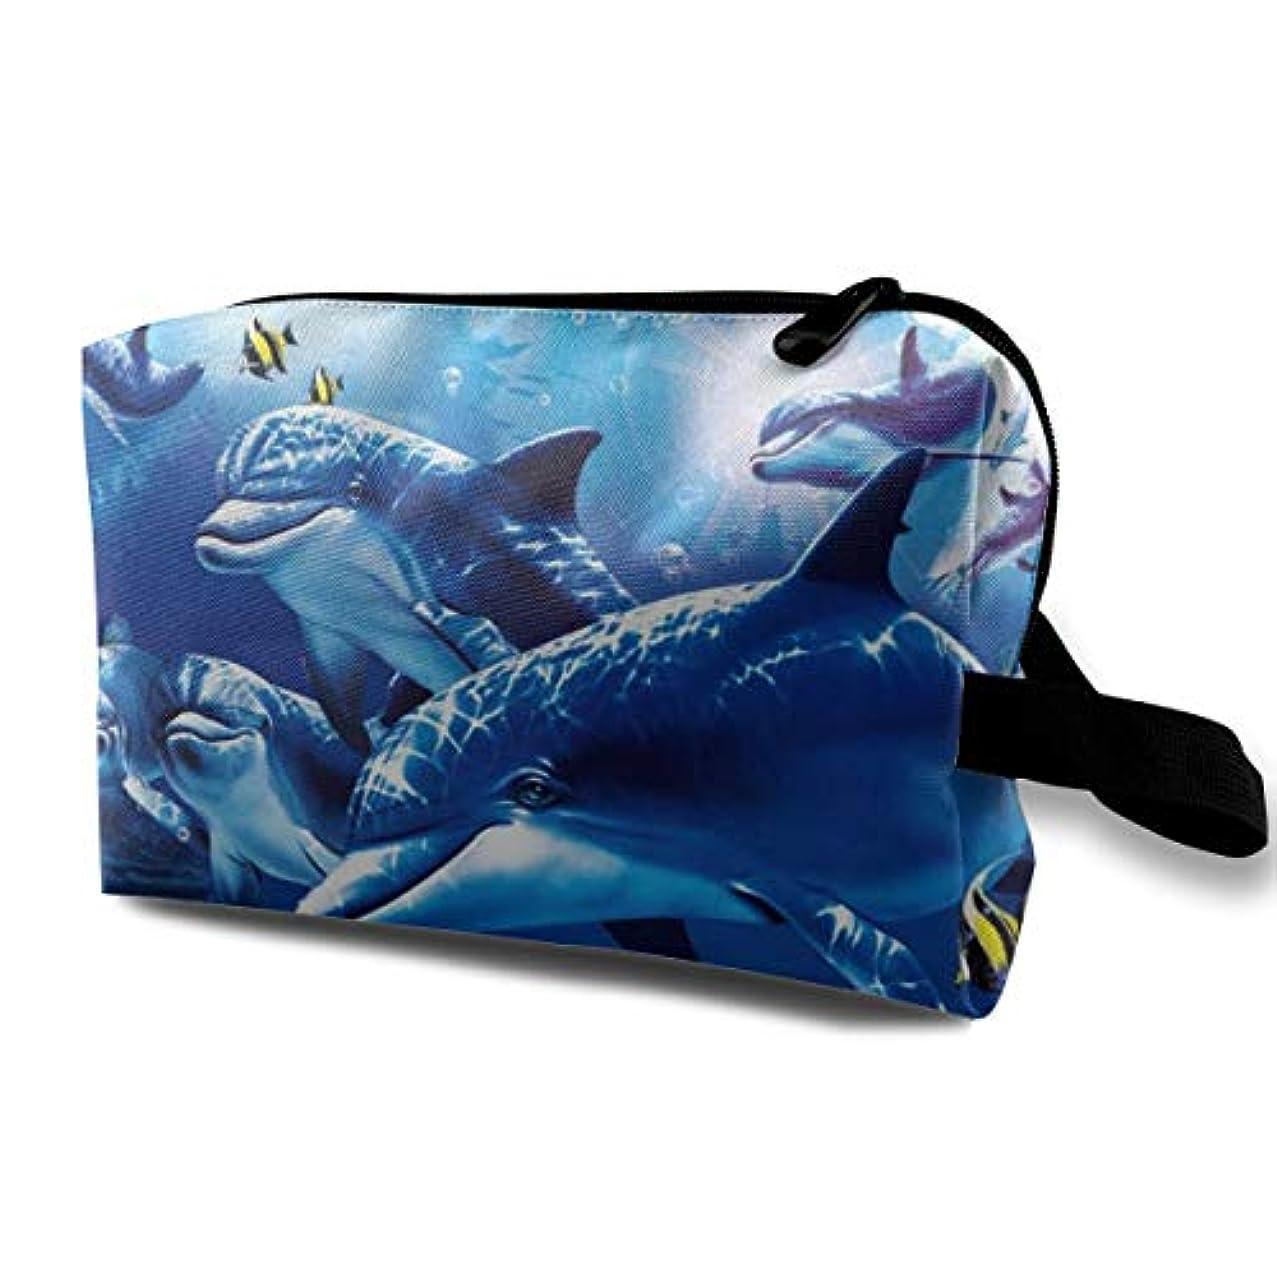 遺跡スクランブル後方にBlue Sea World Coral Dolphin 収納ポーチ 化粧ポーチ 大容量 軽量 耐久性 ハンドル付持ち運び便利。入れ 自宅?出張?旅行?アウトドア撮影などに対応。メンズ レディース トラベルグッズ